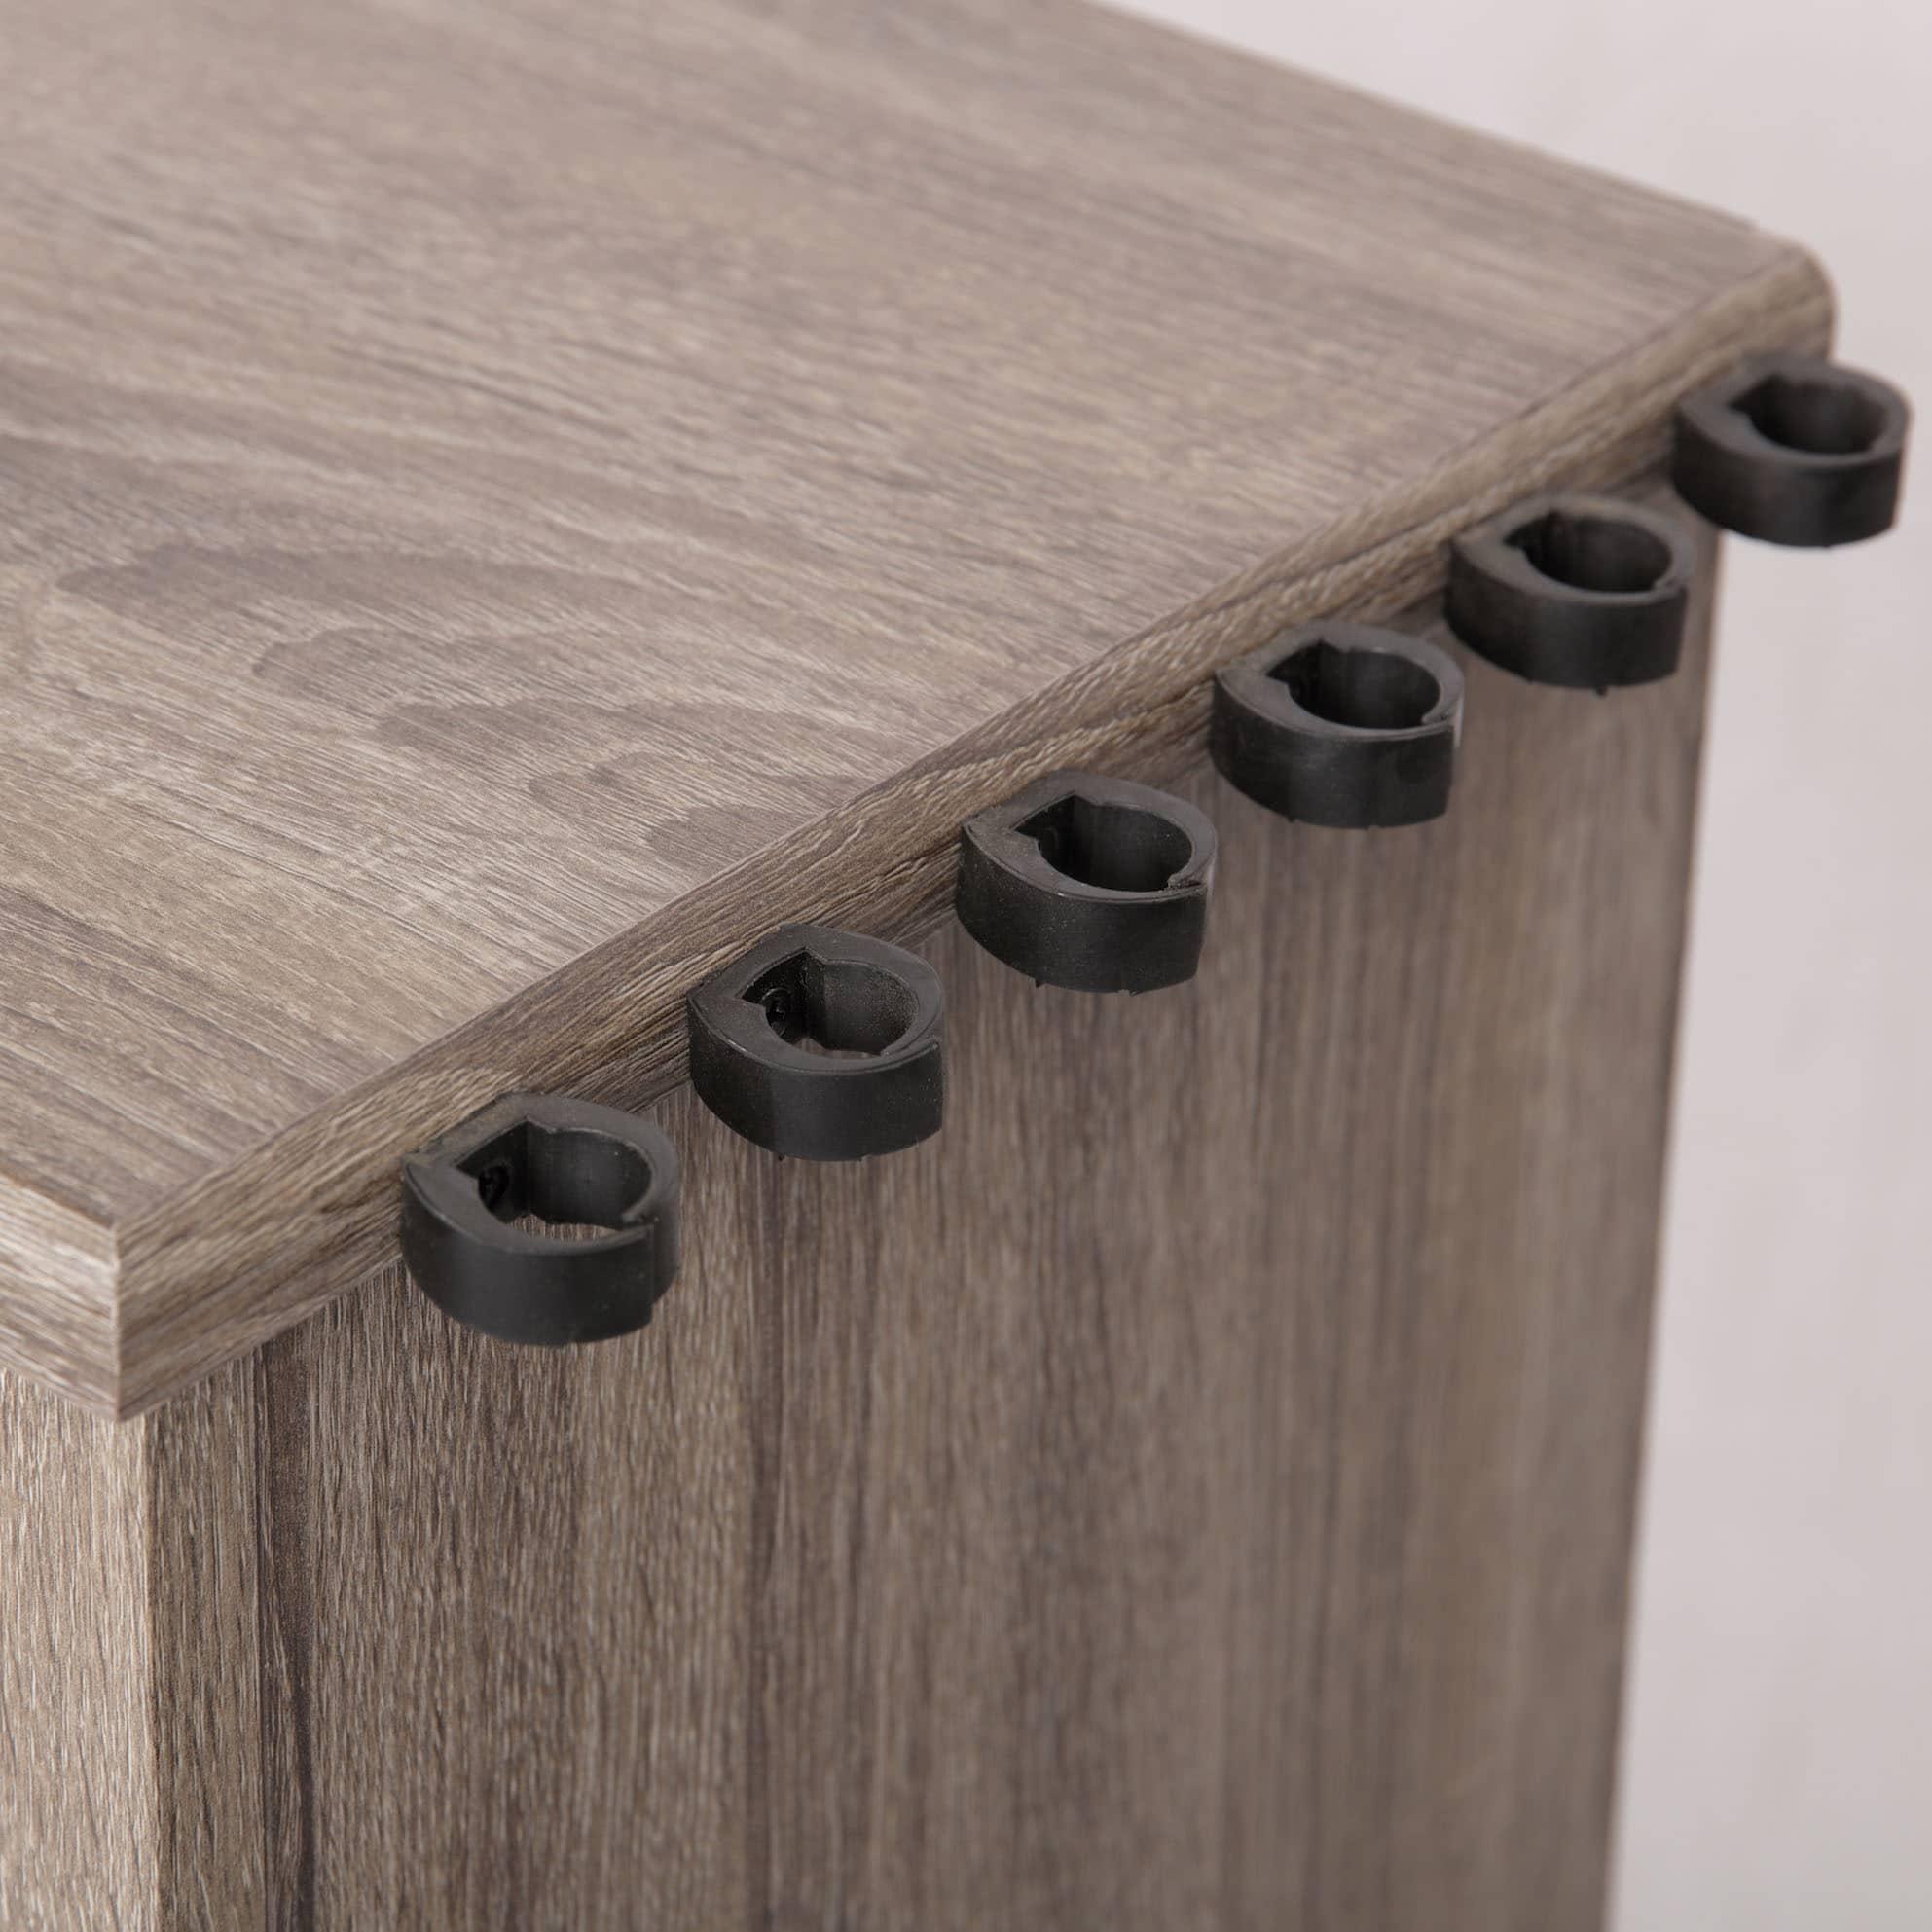 ladder shelf pin american open furniture industrial bookcase classics